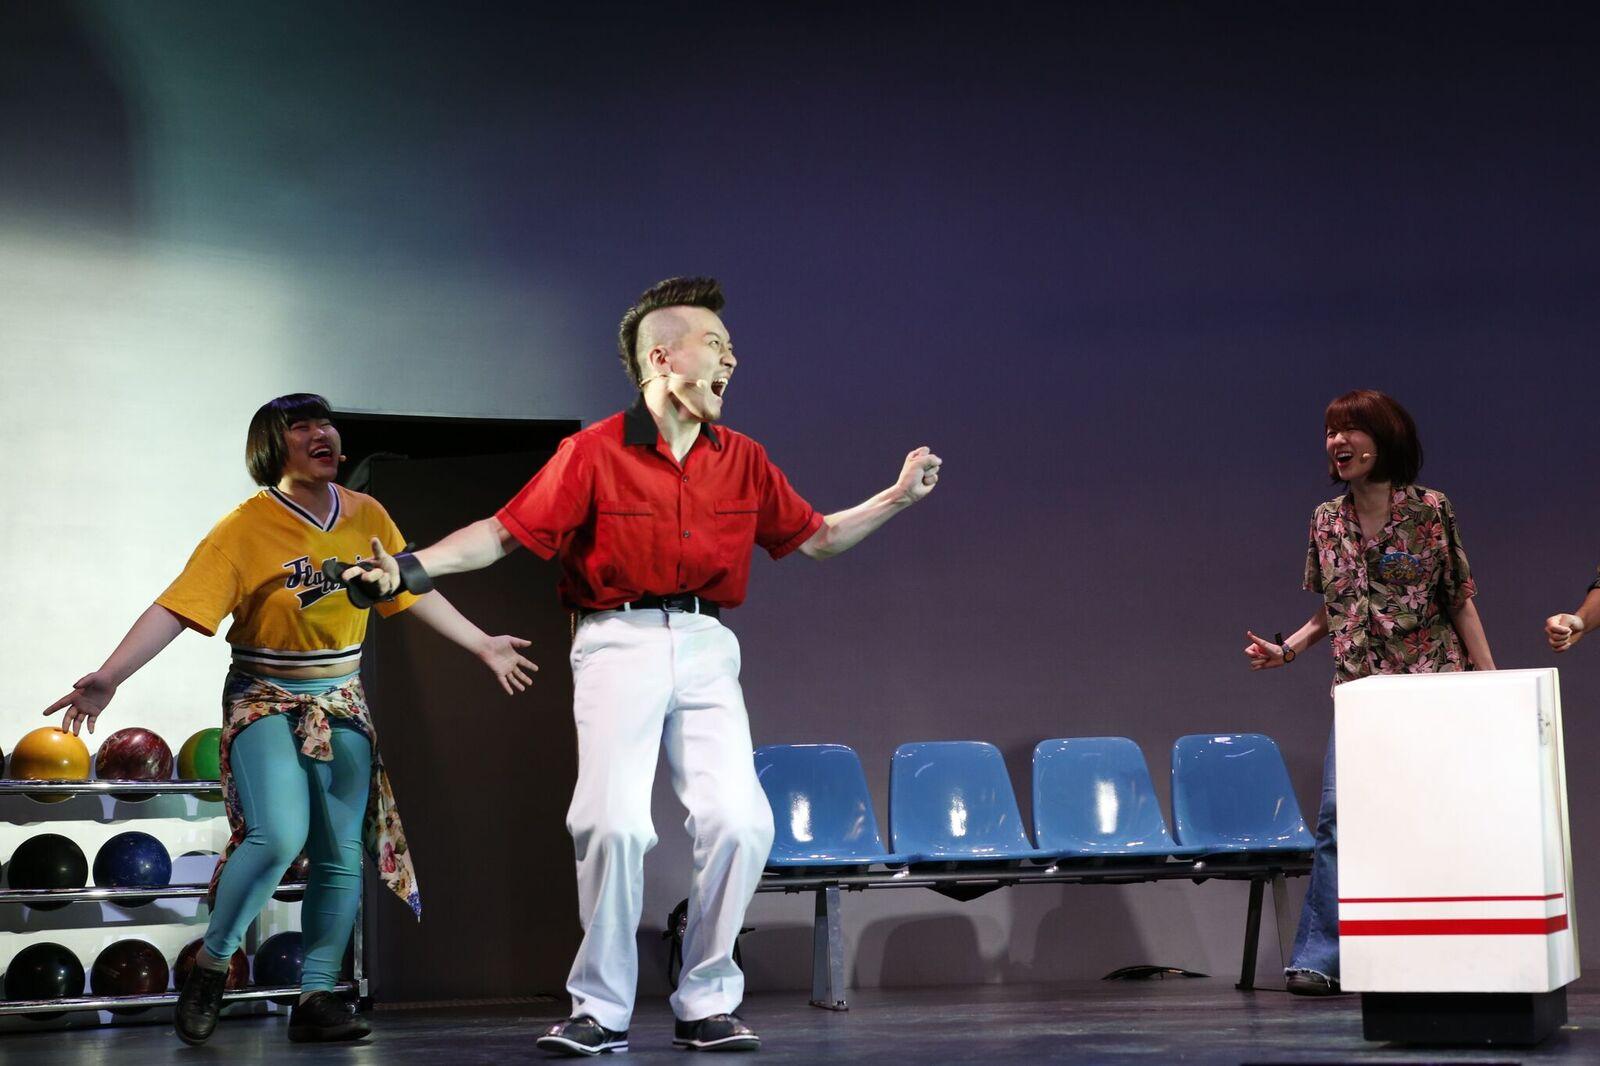 劇団4ドル50セント 週末定期公演 Vol.1舞台写真13